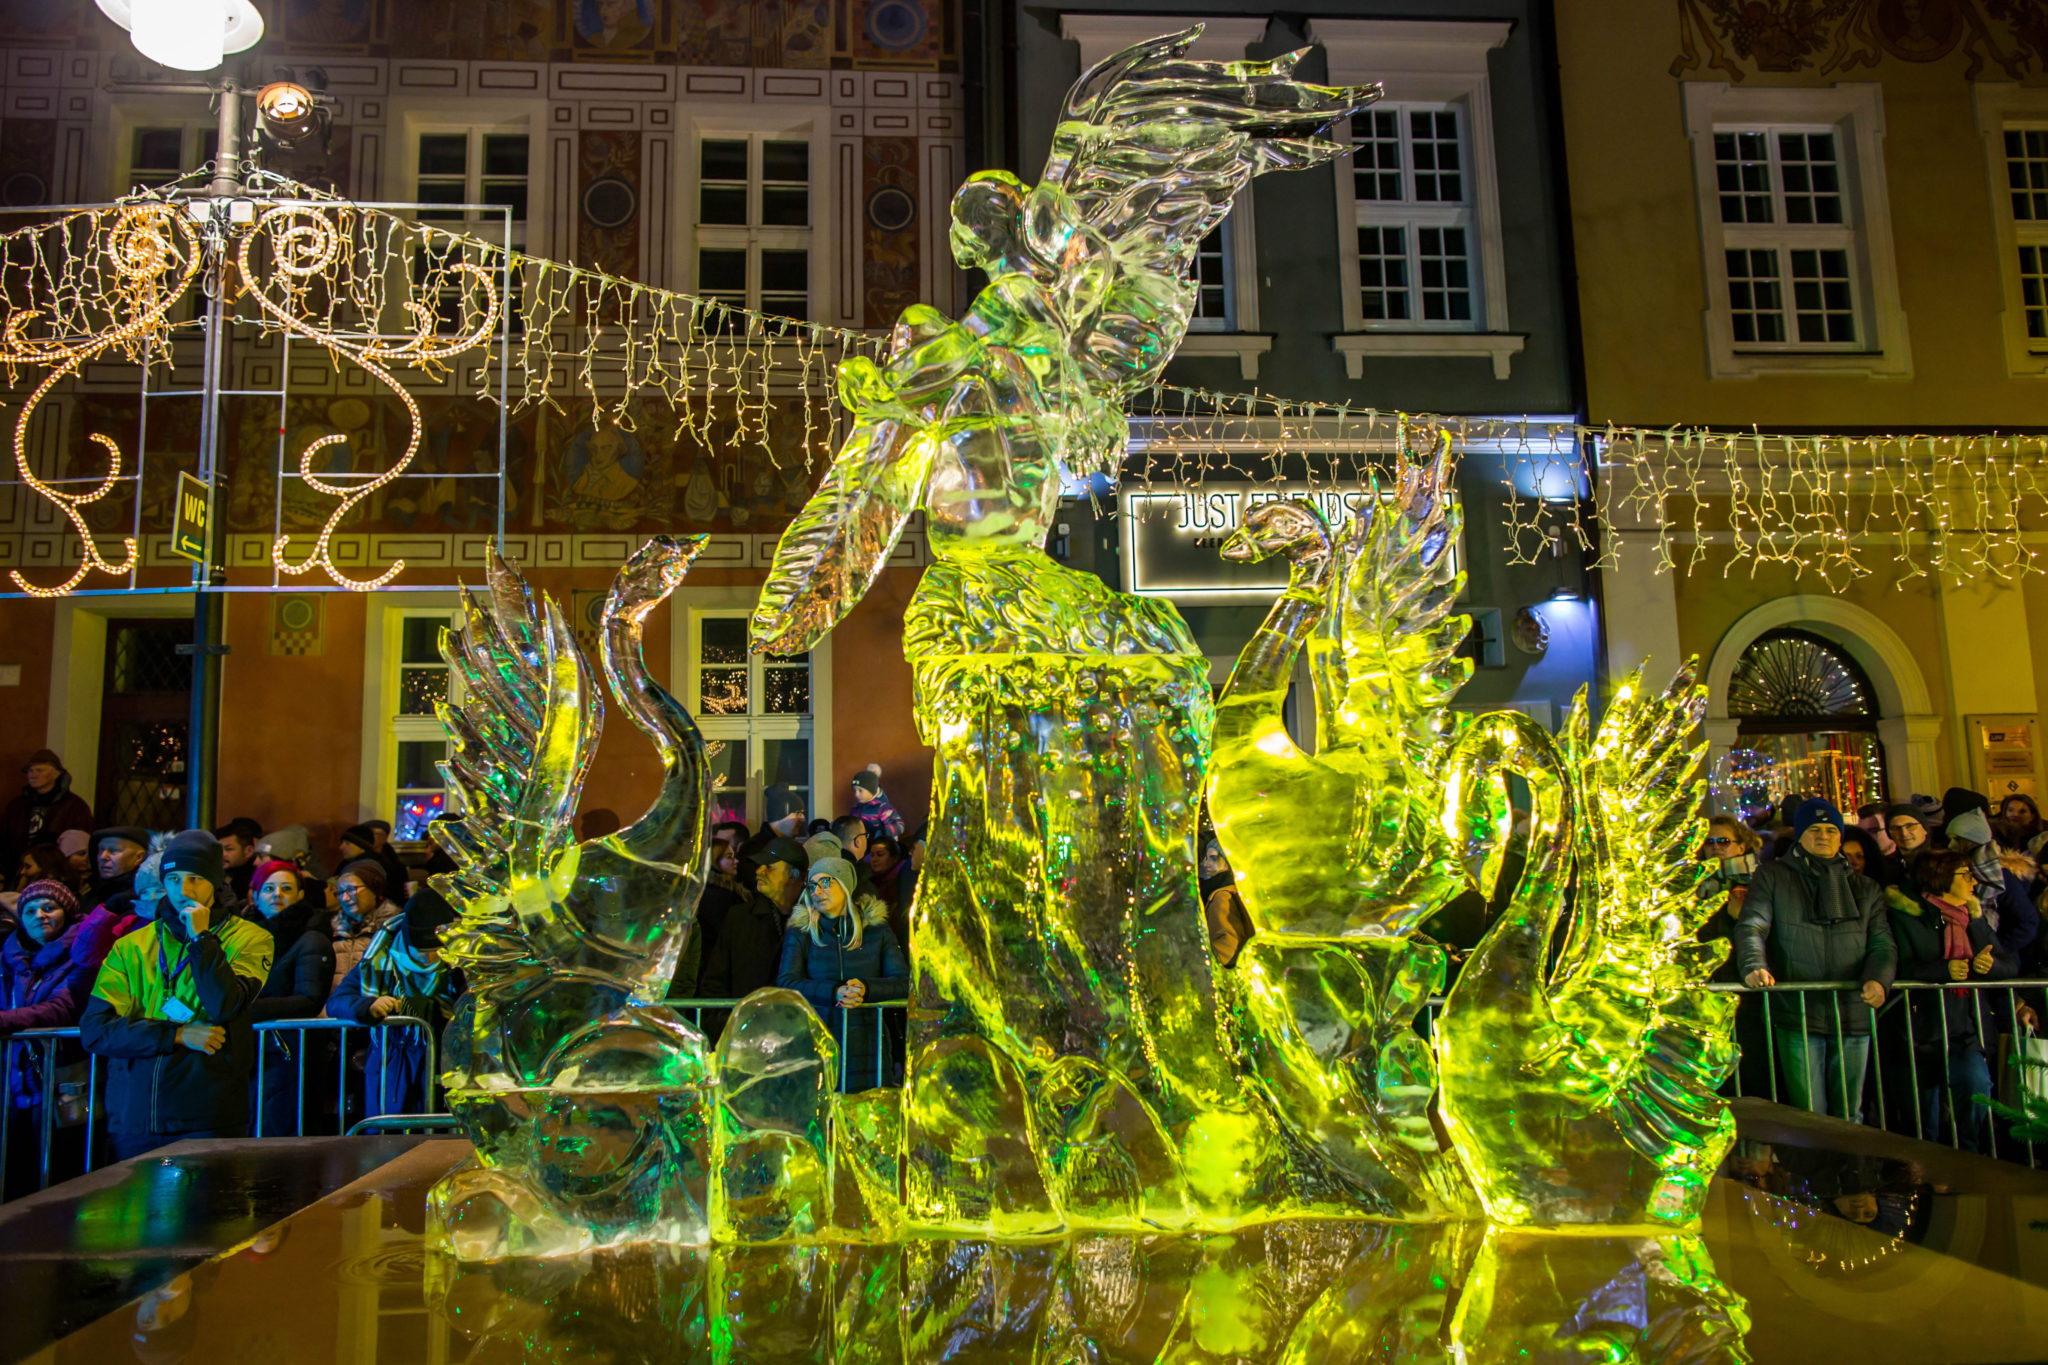 Rzeźby prezentowana na zakończenie konkursu głównego Ice Festivalu na Starym Rynku w Poznaniu, fot. PAP/Bartosz Jankowski